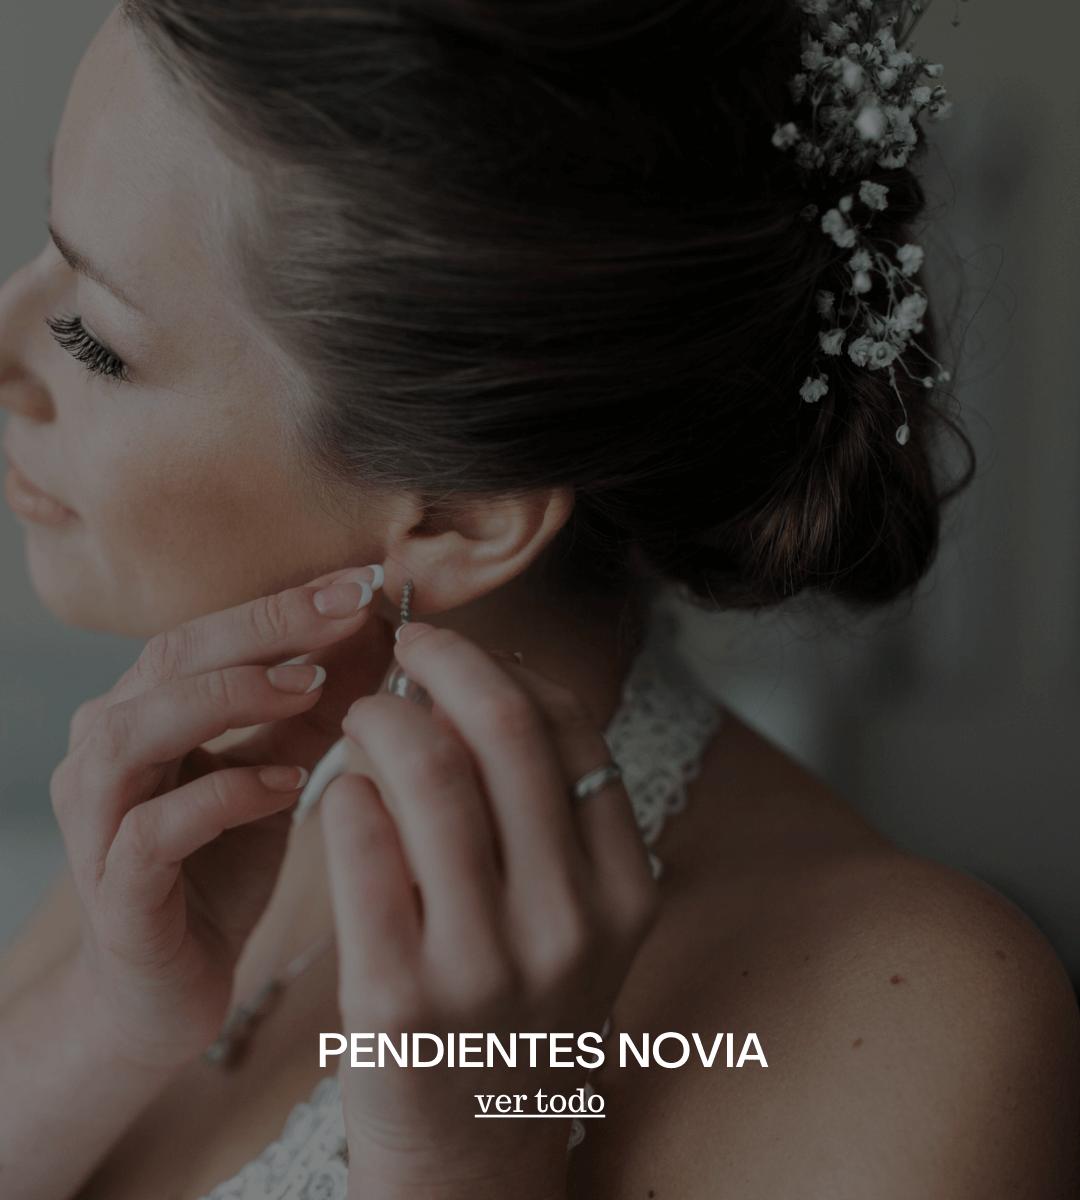 pendientes-novia-general